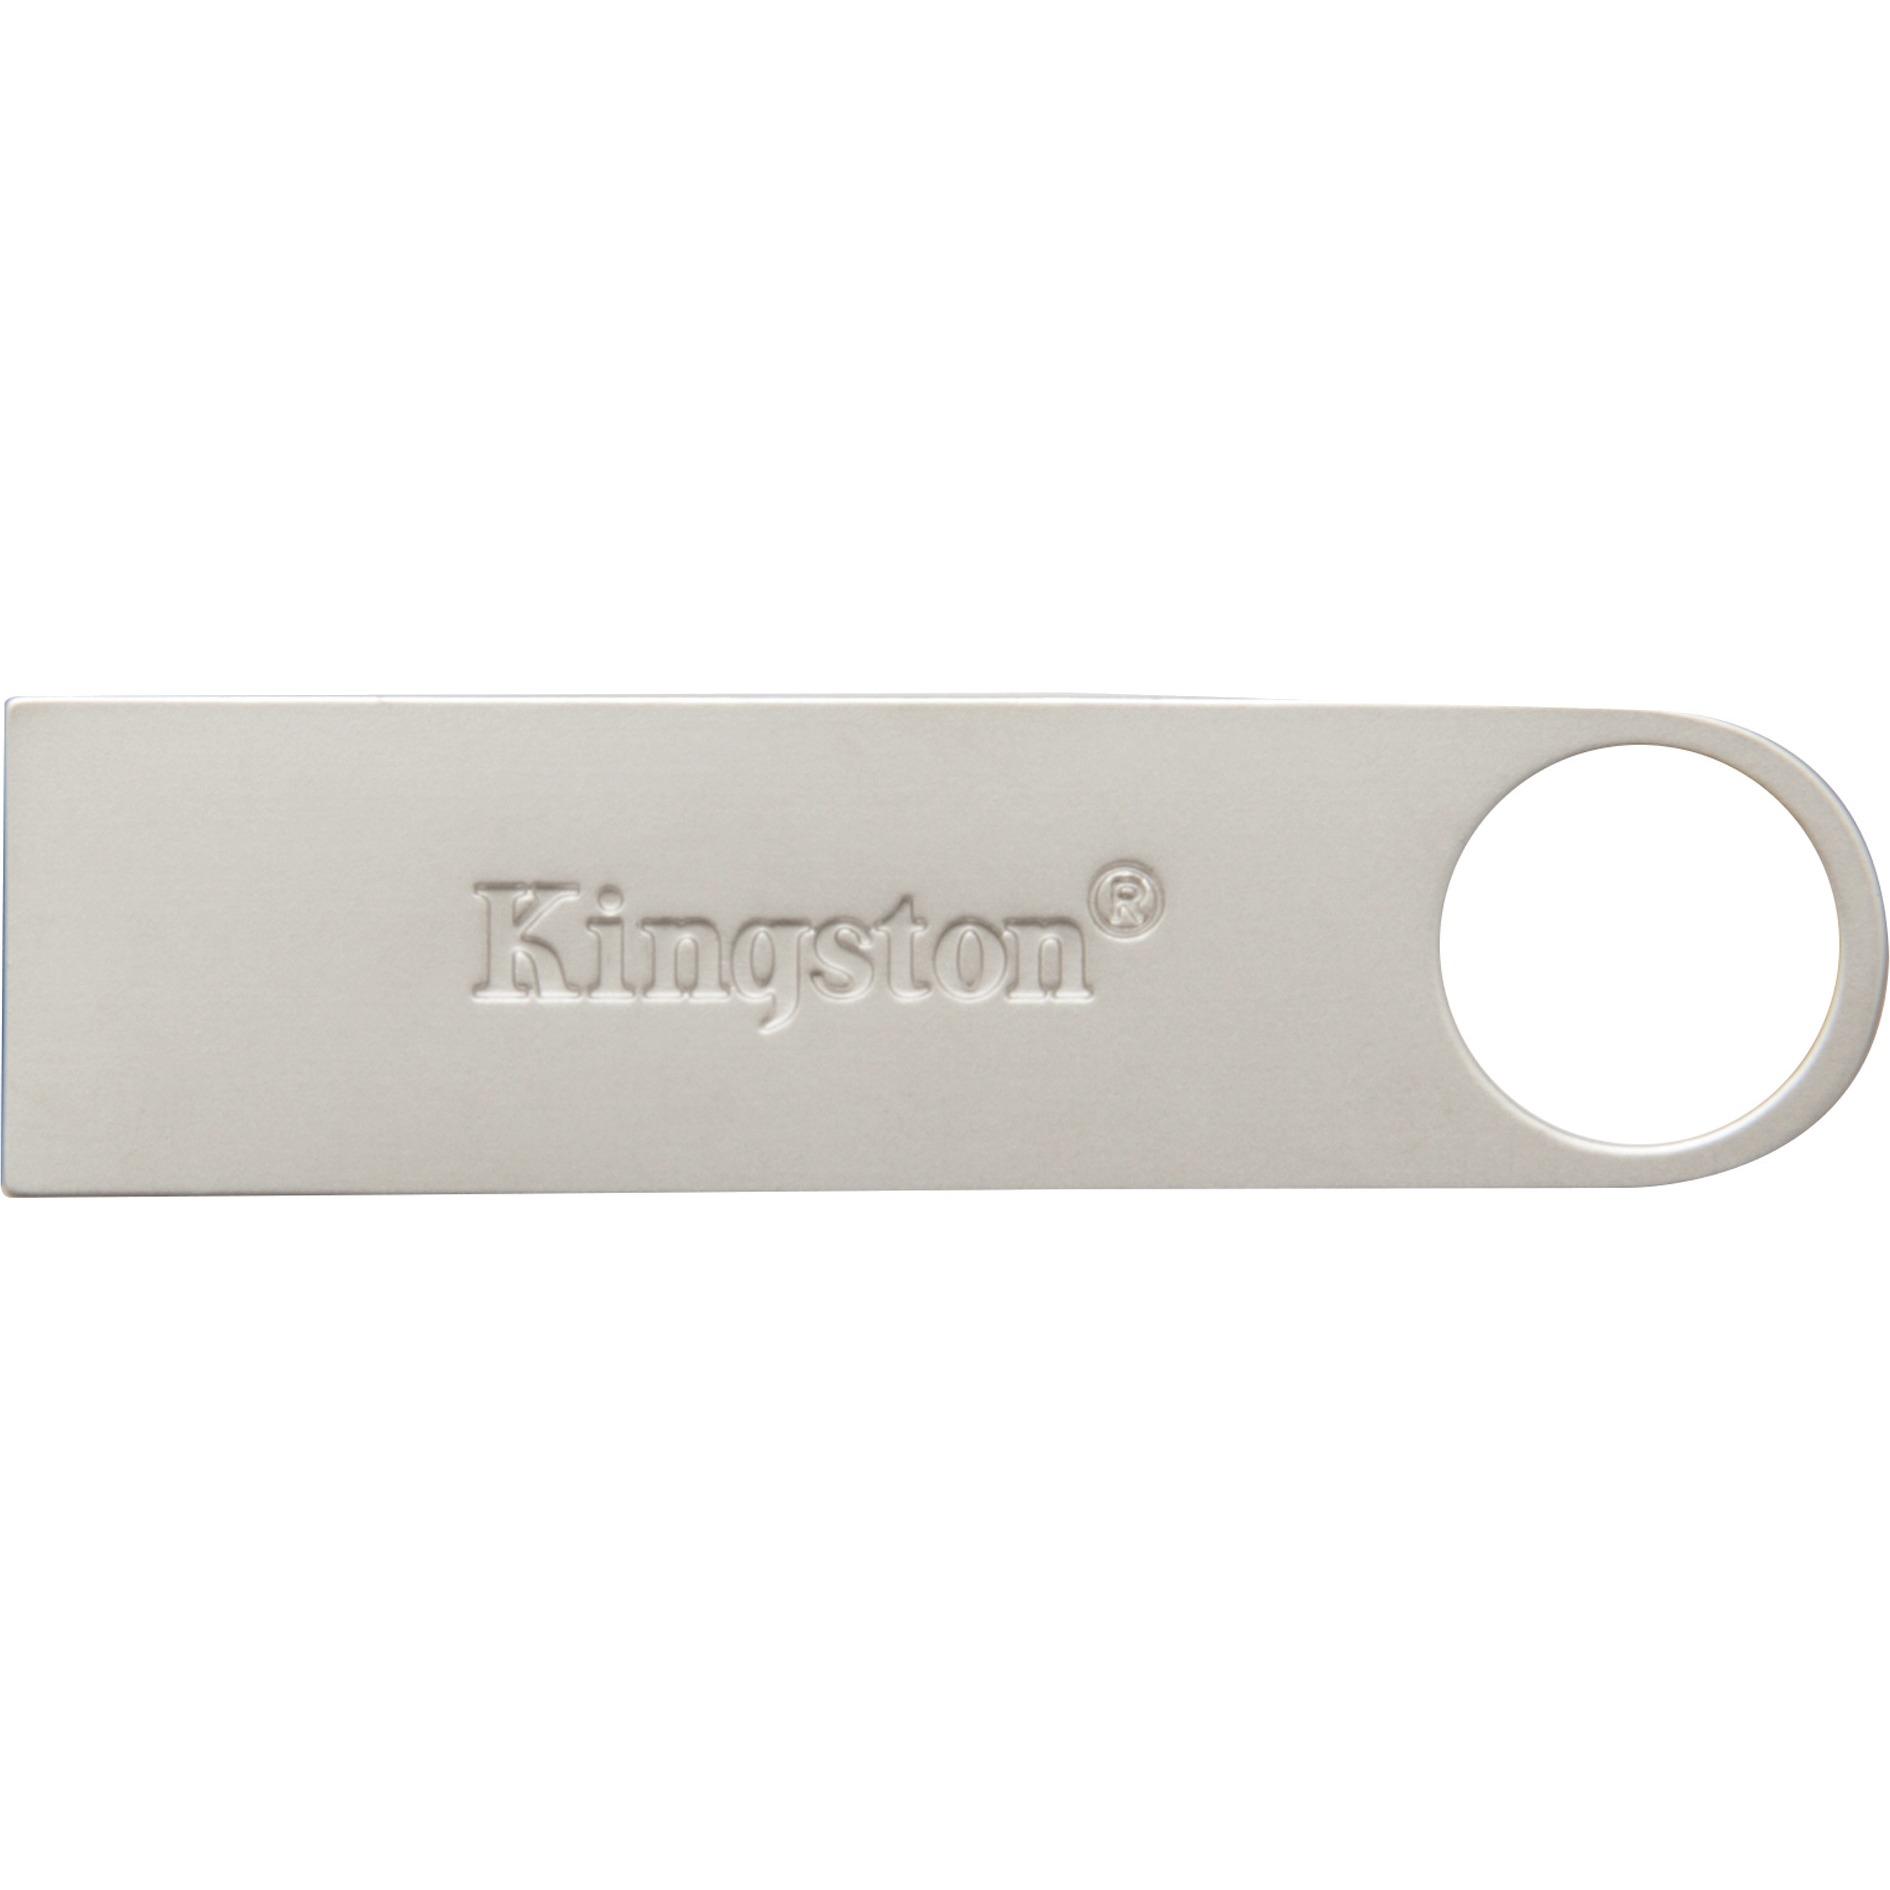 Kingston 32GB DataTraveler SE9 G2 32G DTSE9G2 USB 3.0 100MB/s Metal Flash Pen Thumb Drive DTSE9G2/32GB 2